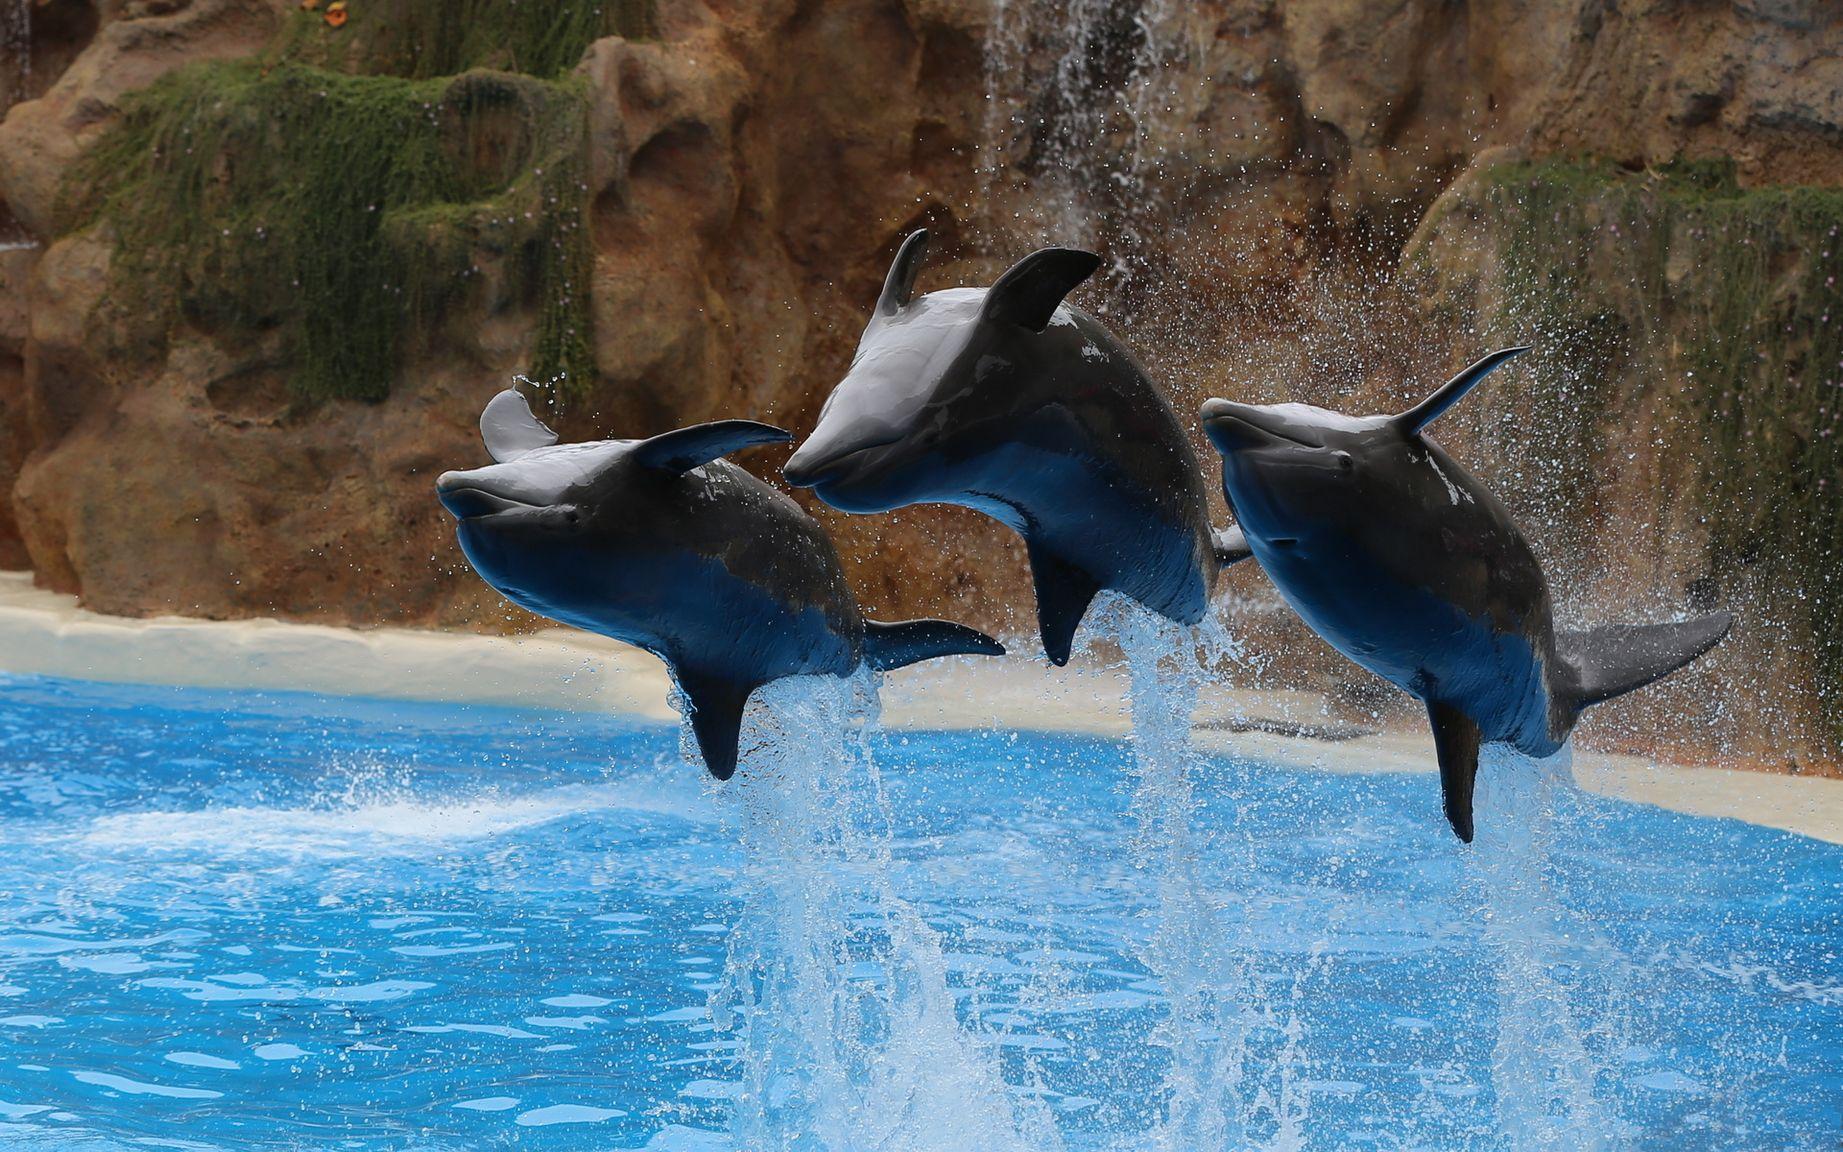 громкая слава высококачественные фотографии дельфинов можно